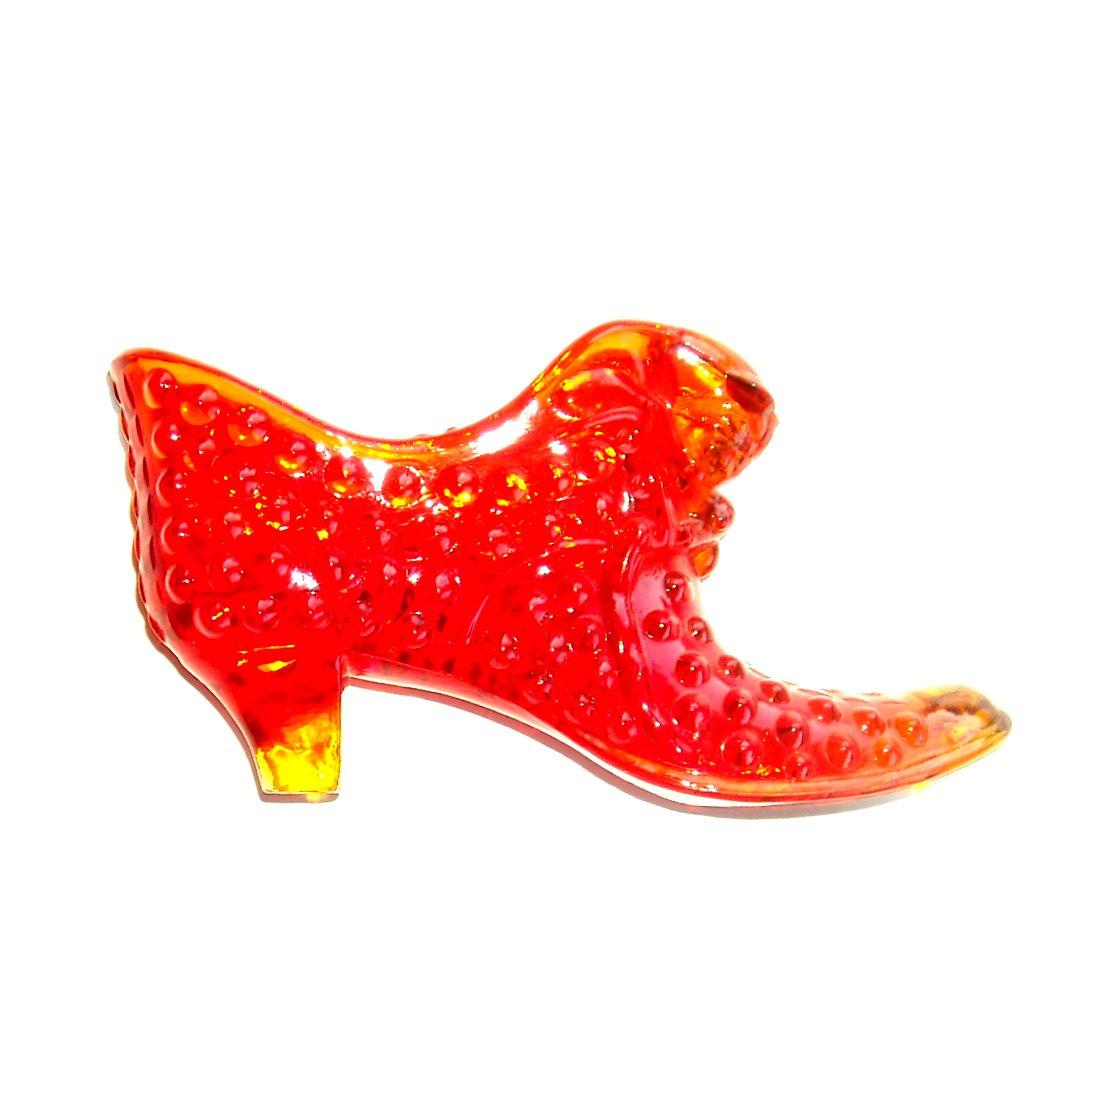 Vintage Fenton Art Glass Cat Hobnail Shoe Cranberry Red